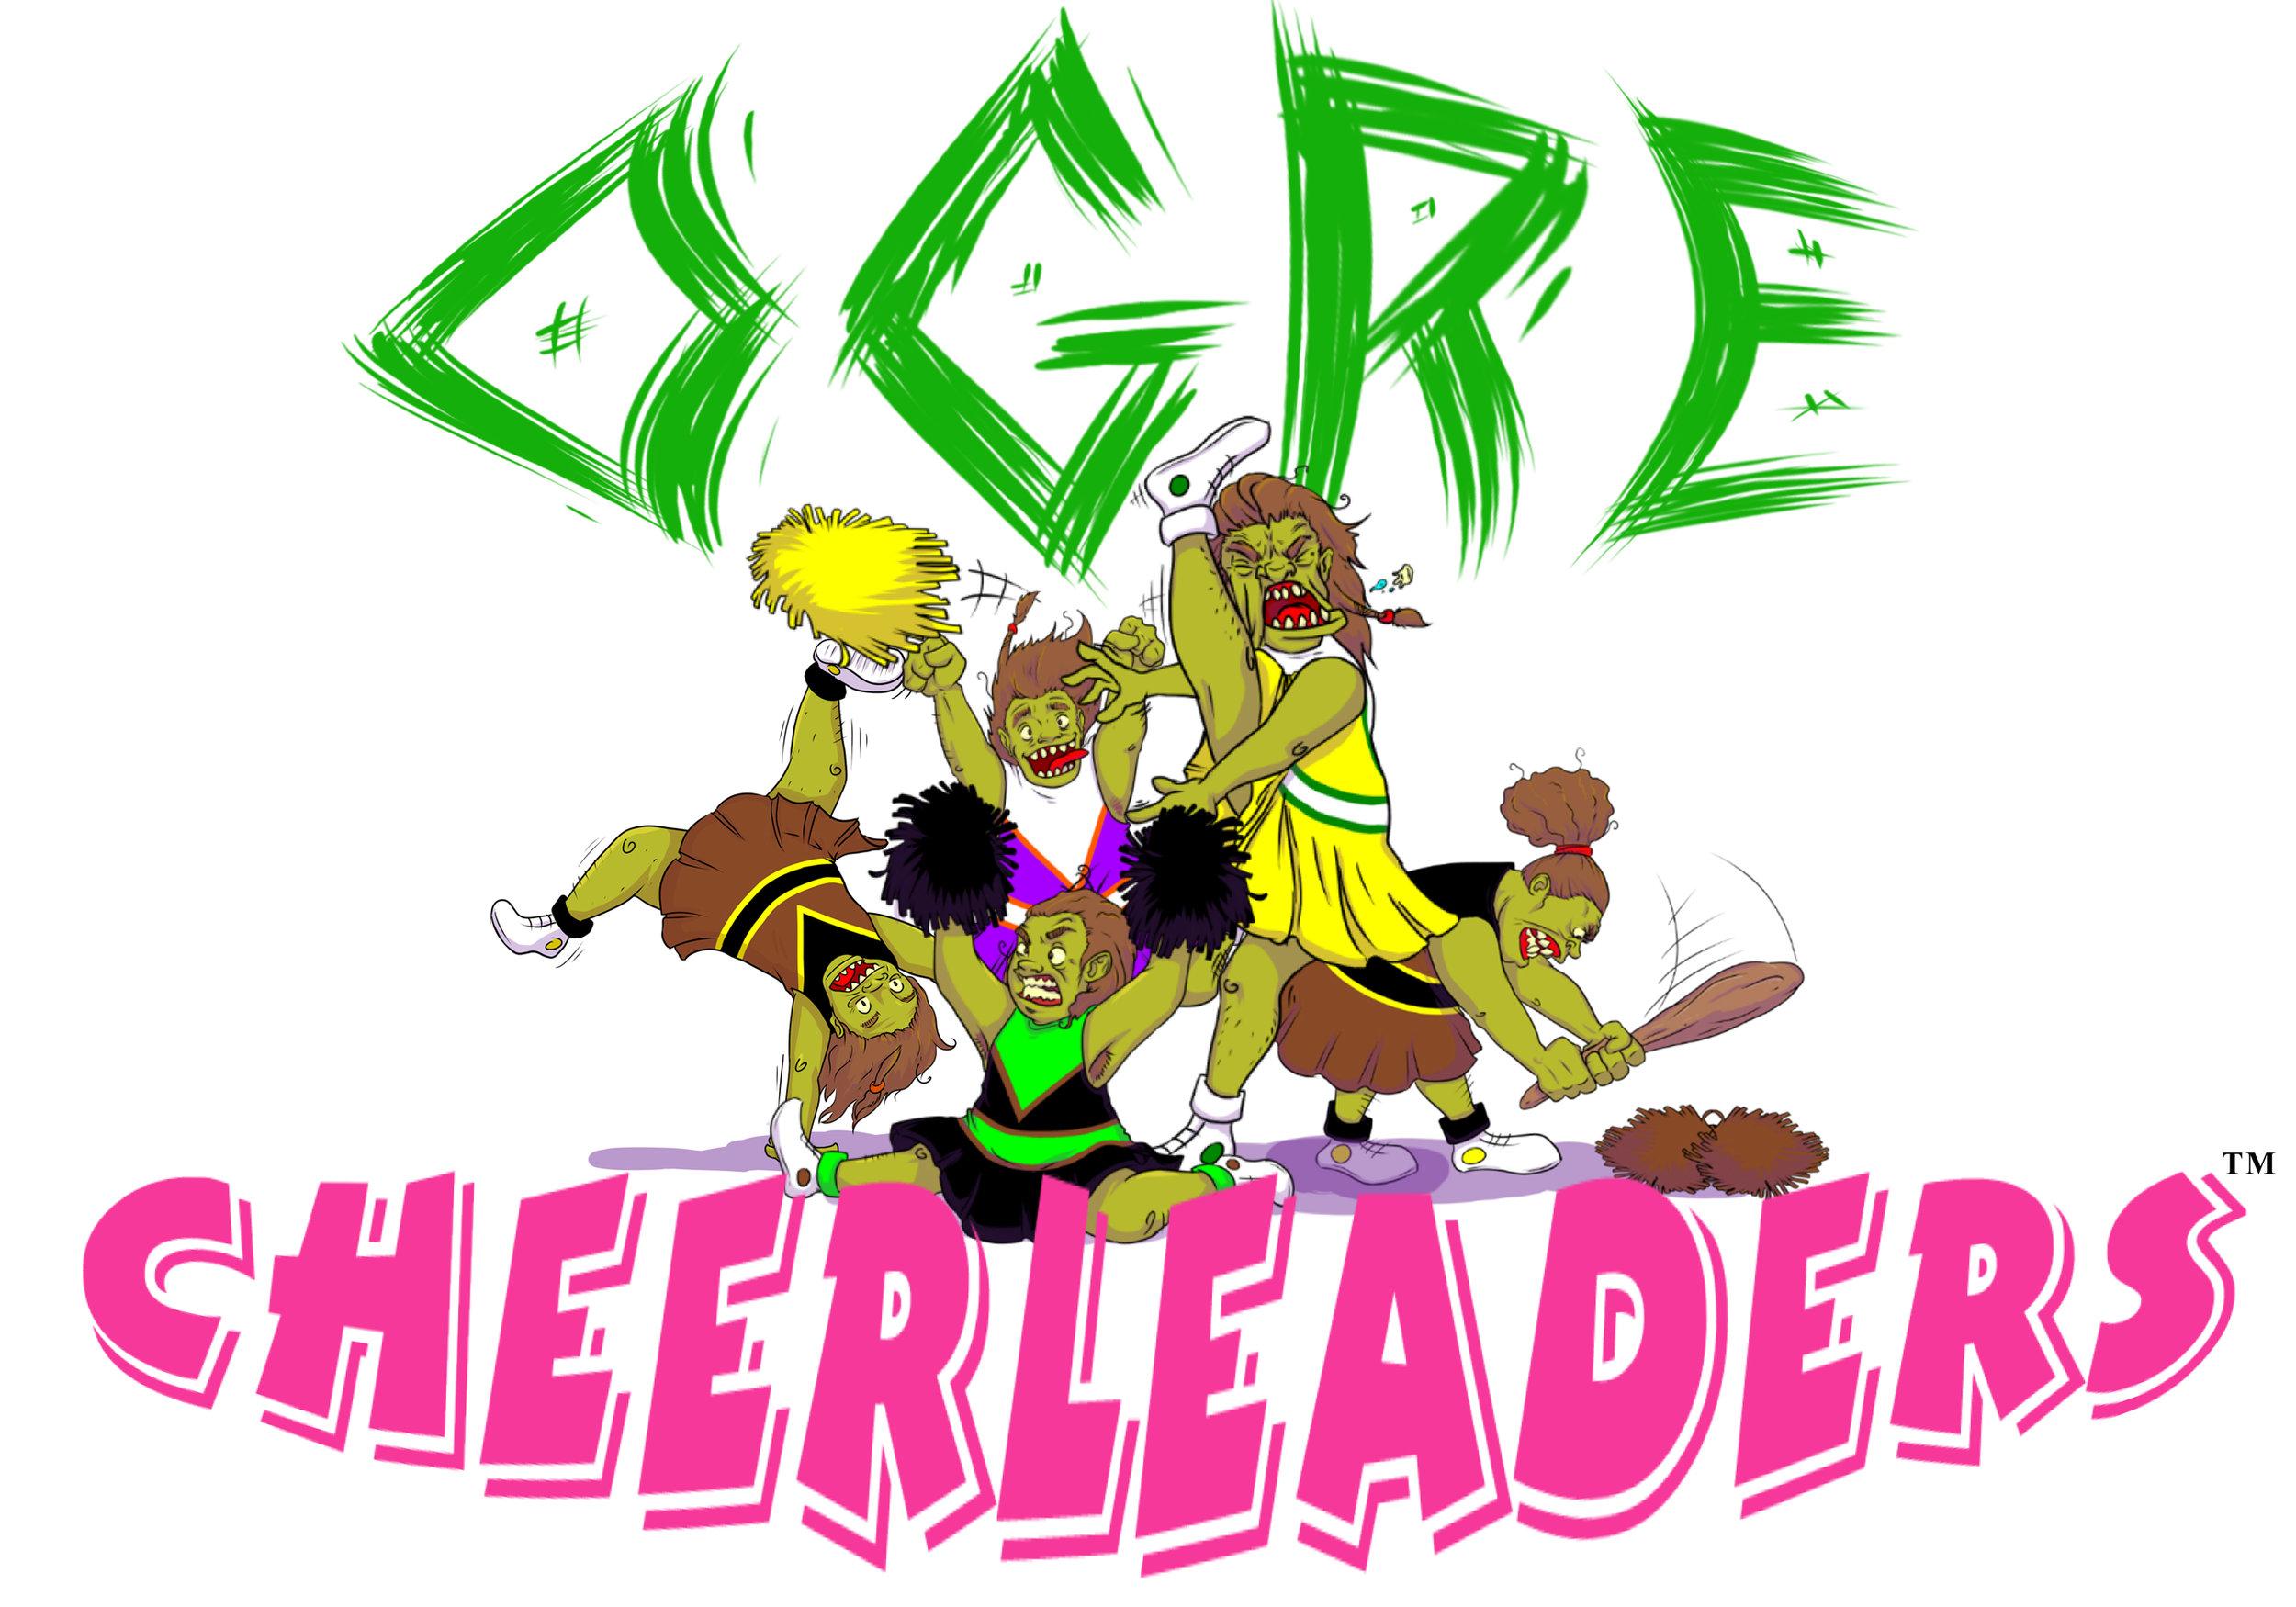 Ogre Cheerleaders Card Game